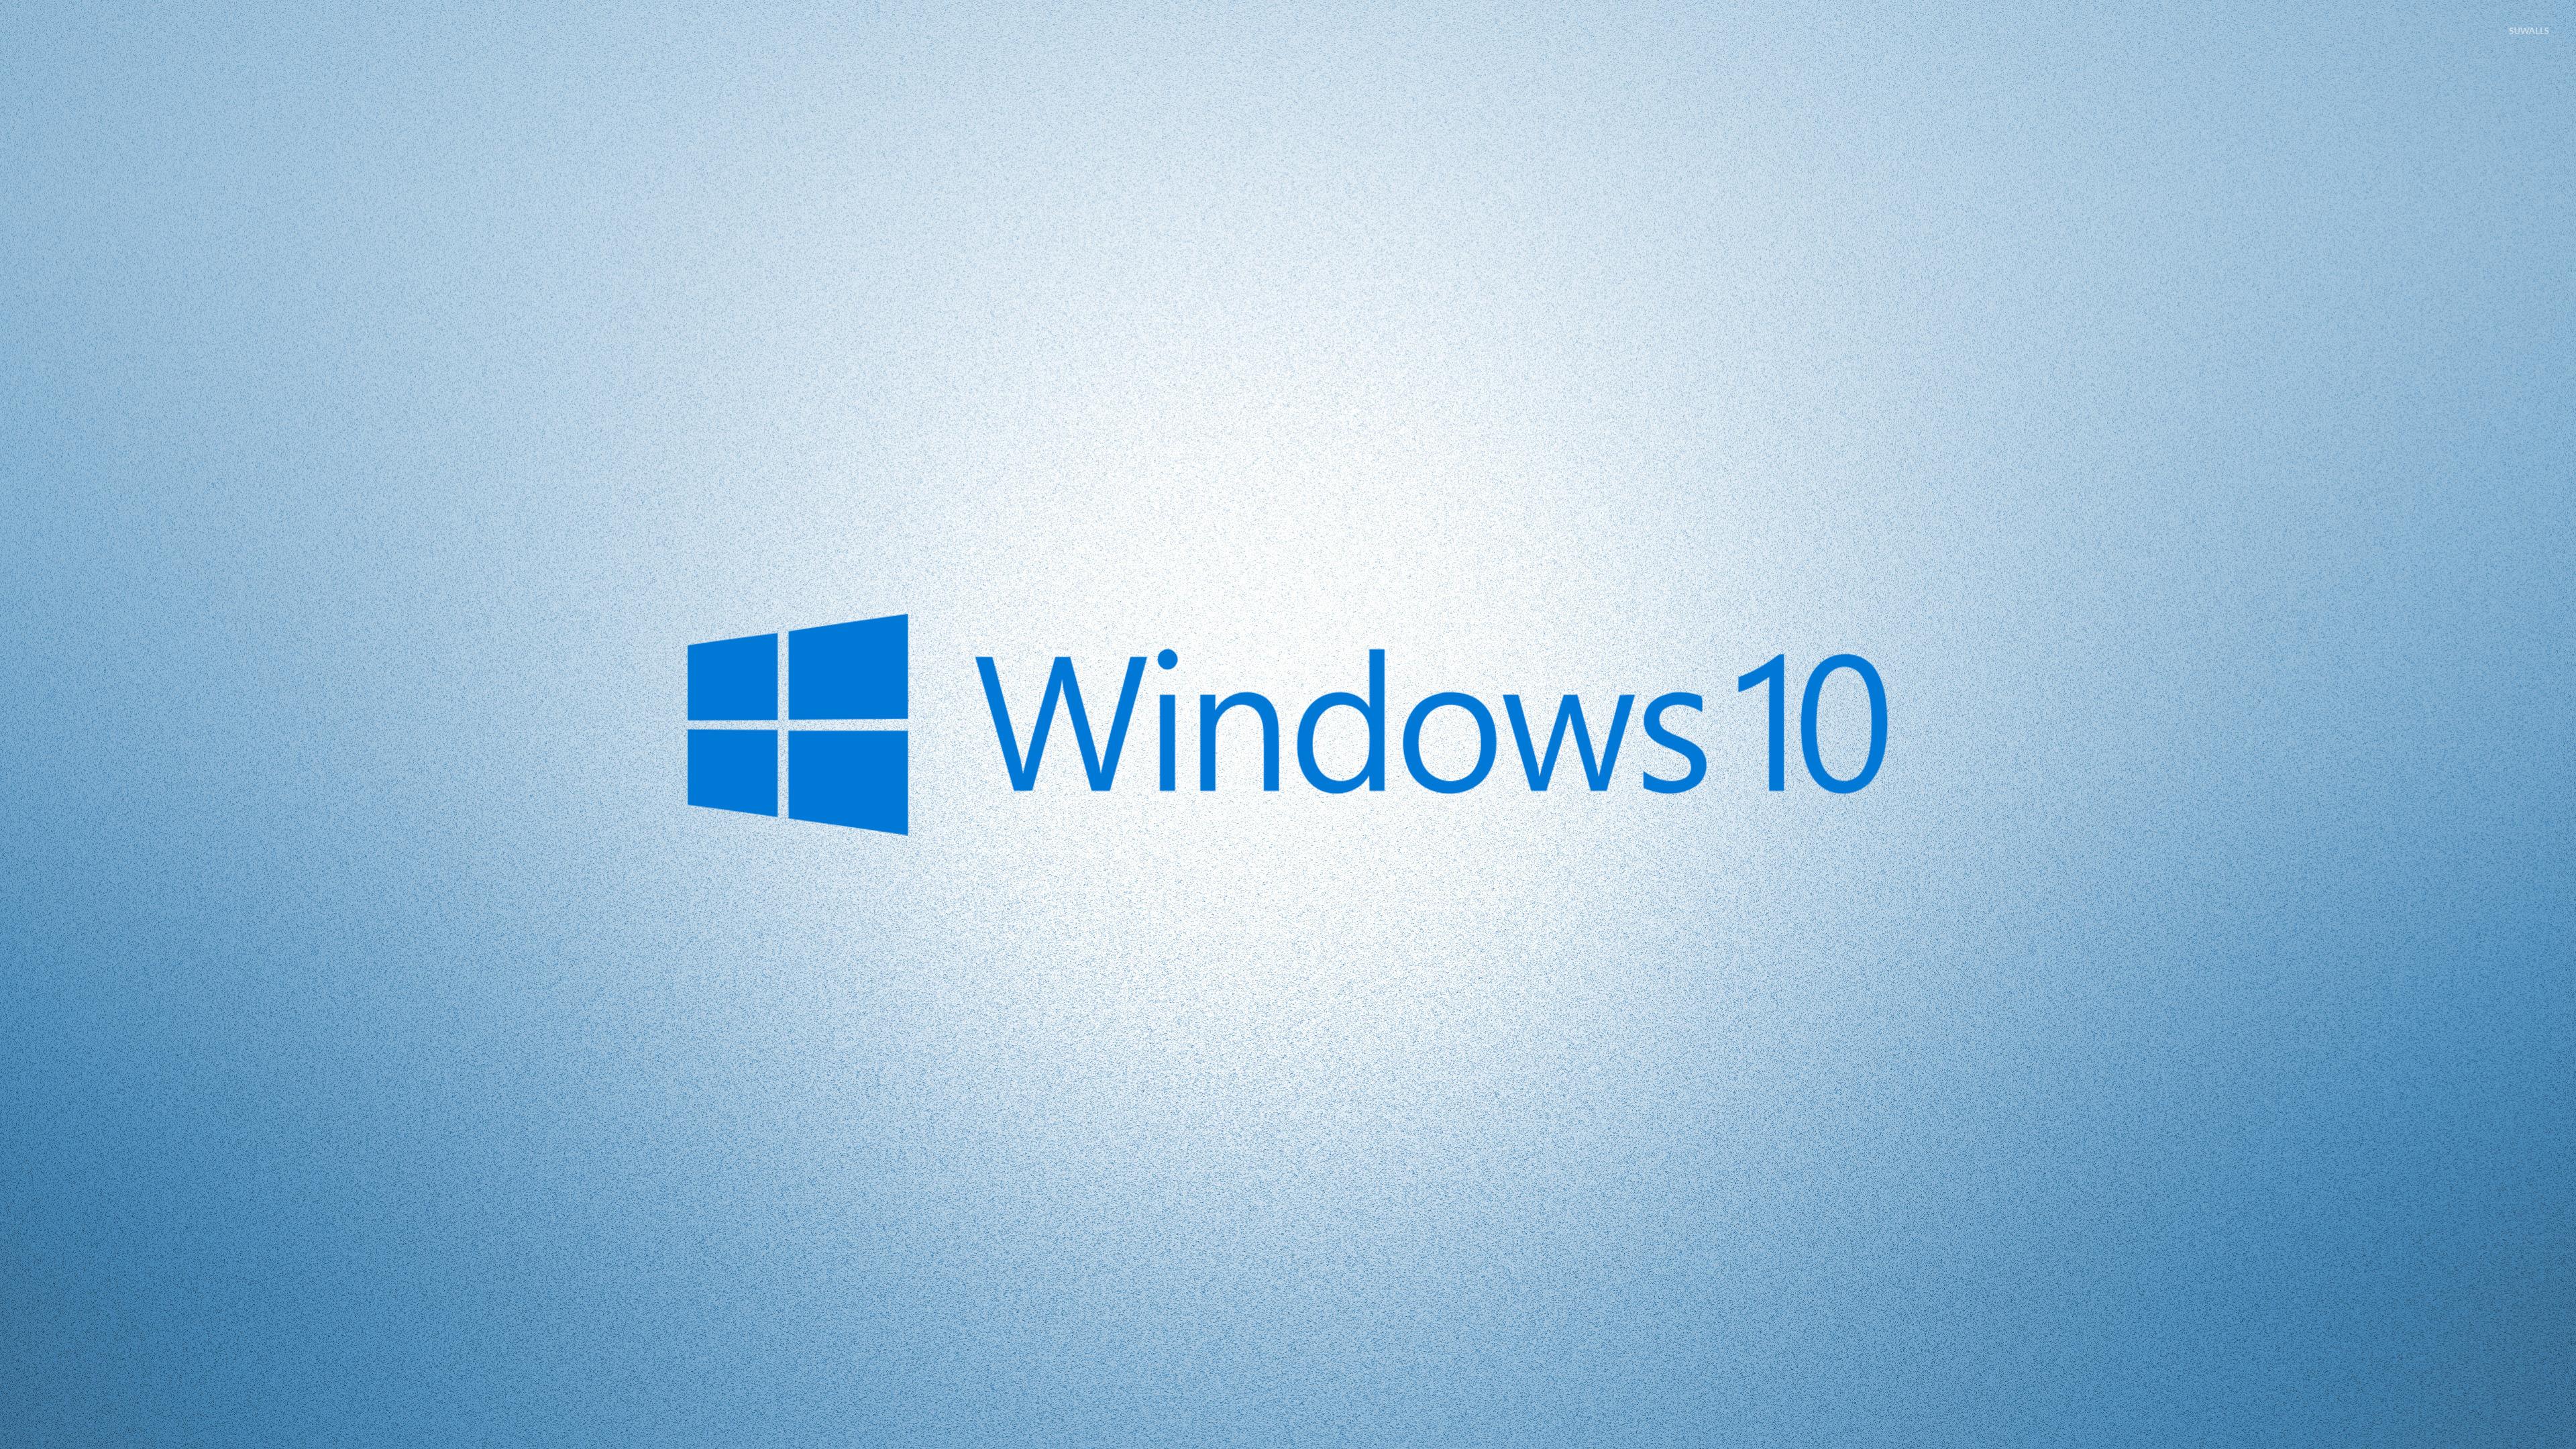 windows 10 blue text logoon light blue wallpaper